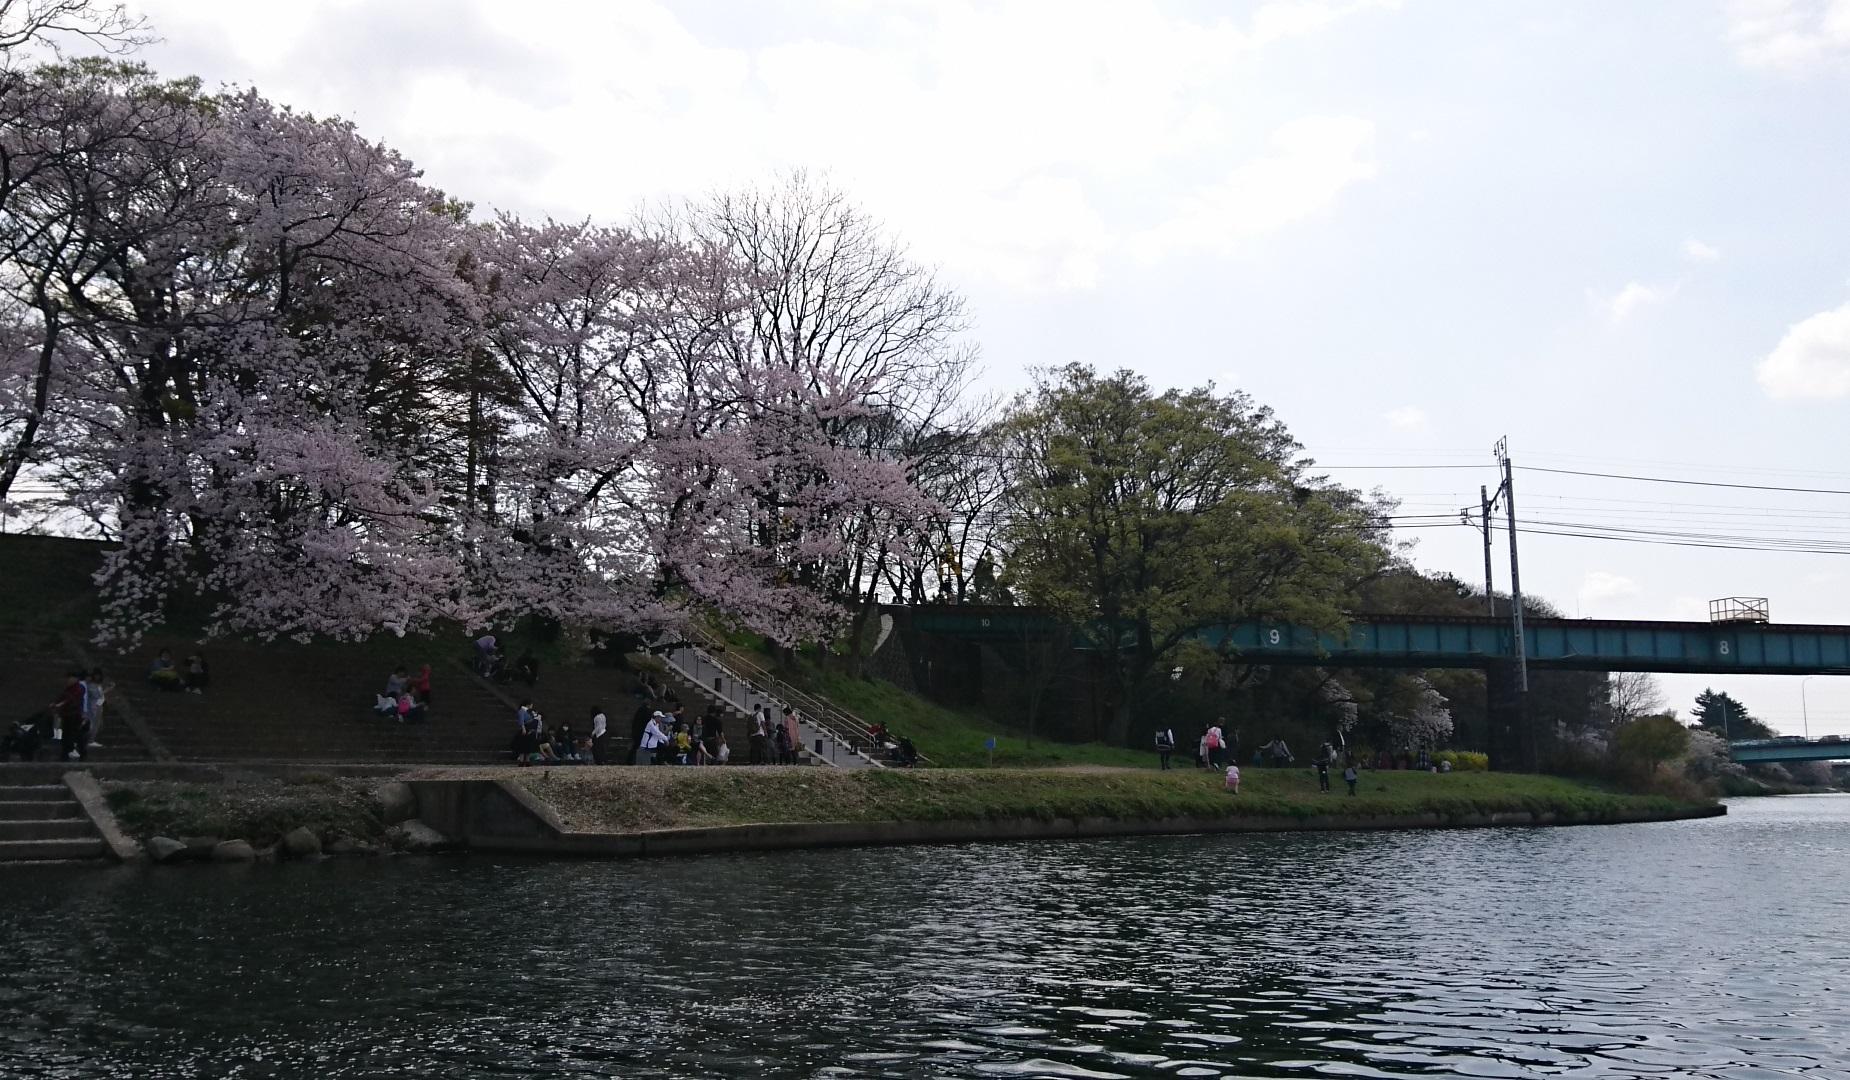 2018.3.31 岡崎ふなあそび (24) くだり - 名古屋本線鉄橋 1850-1080